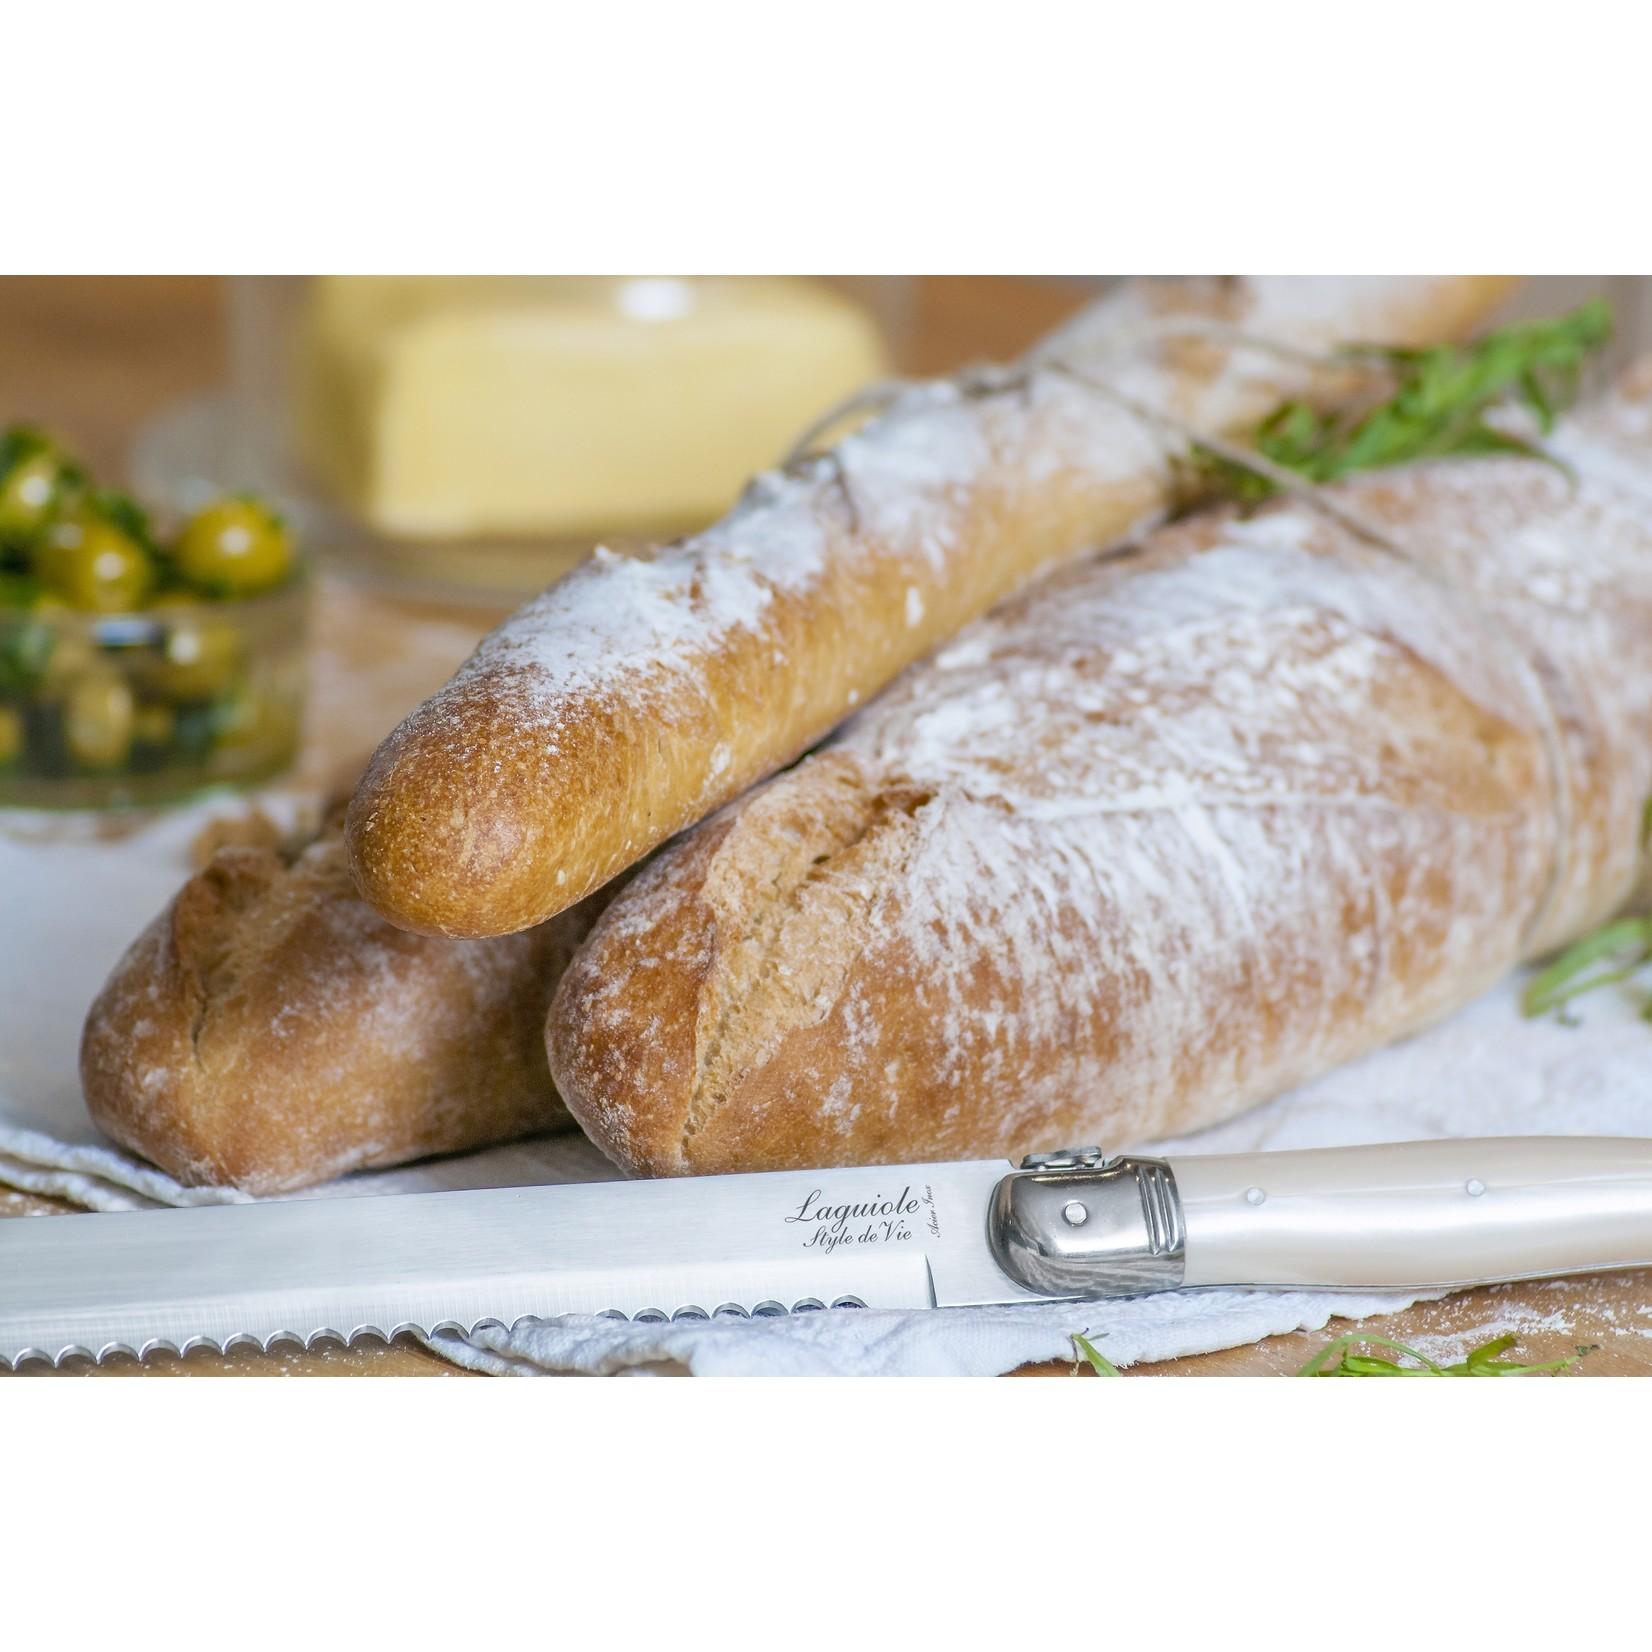 Laguiole Style de Vie Laguiole Style de Vie Premium Line broodmes parelmoer met plank